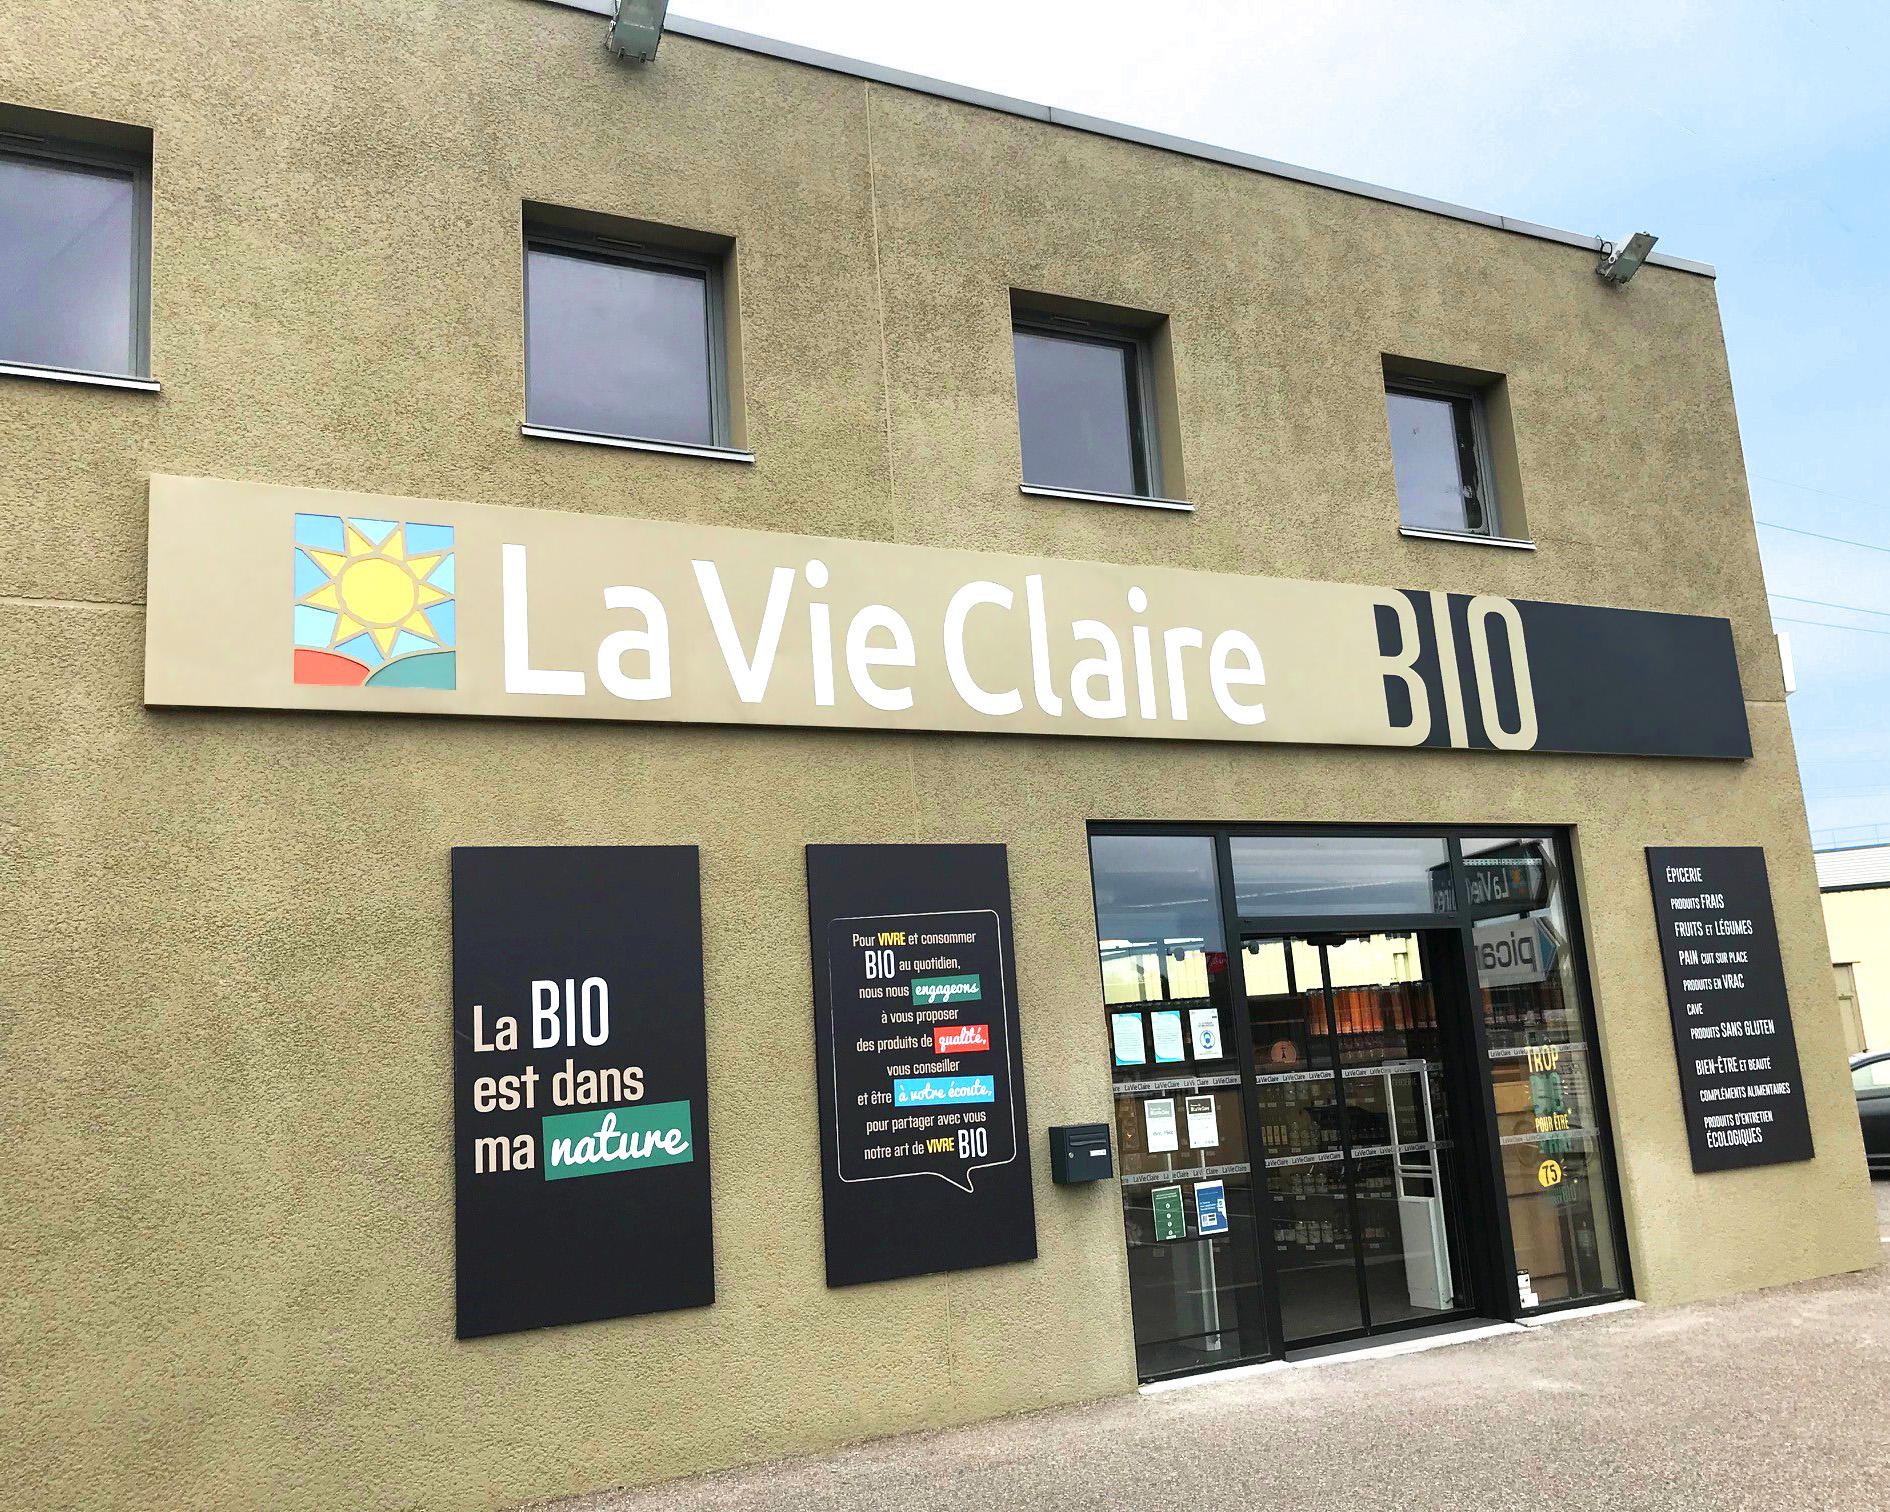 La Vie Claire Beynost, magasin spécialisé en alimentation bio